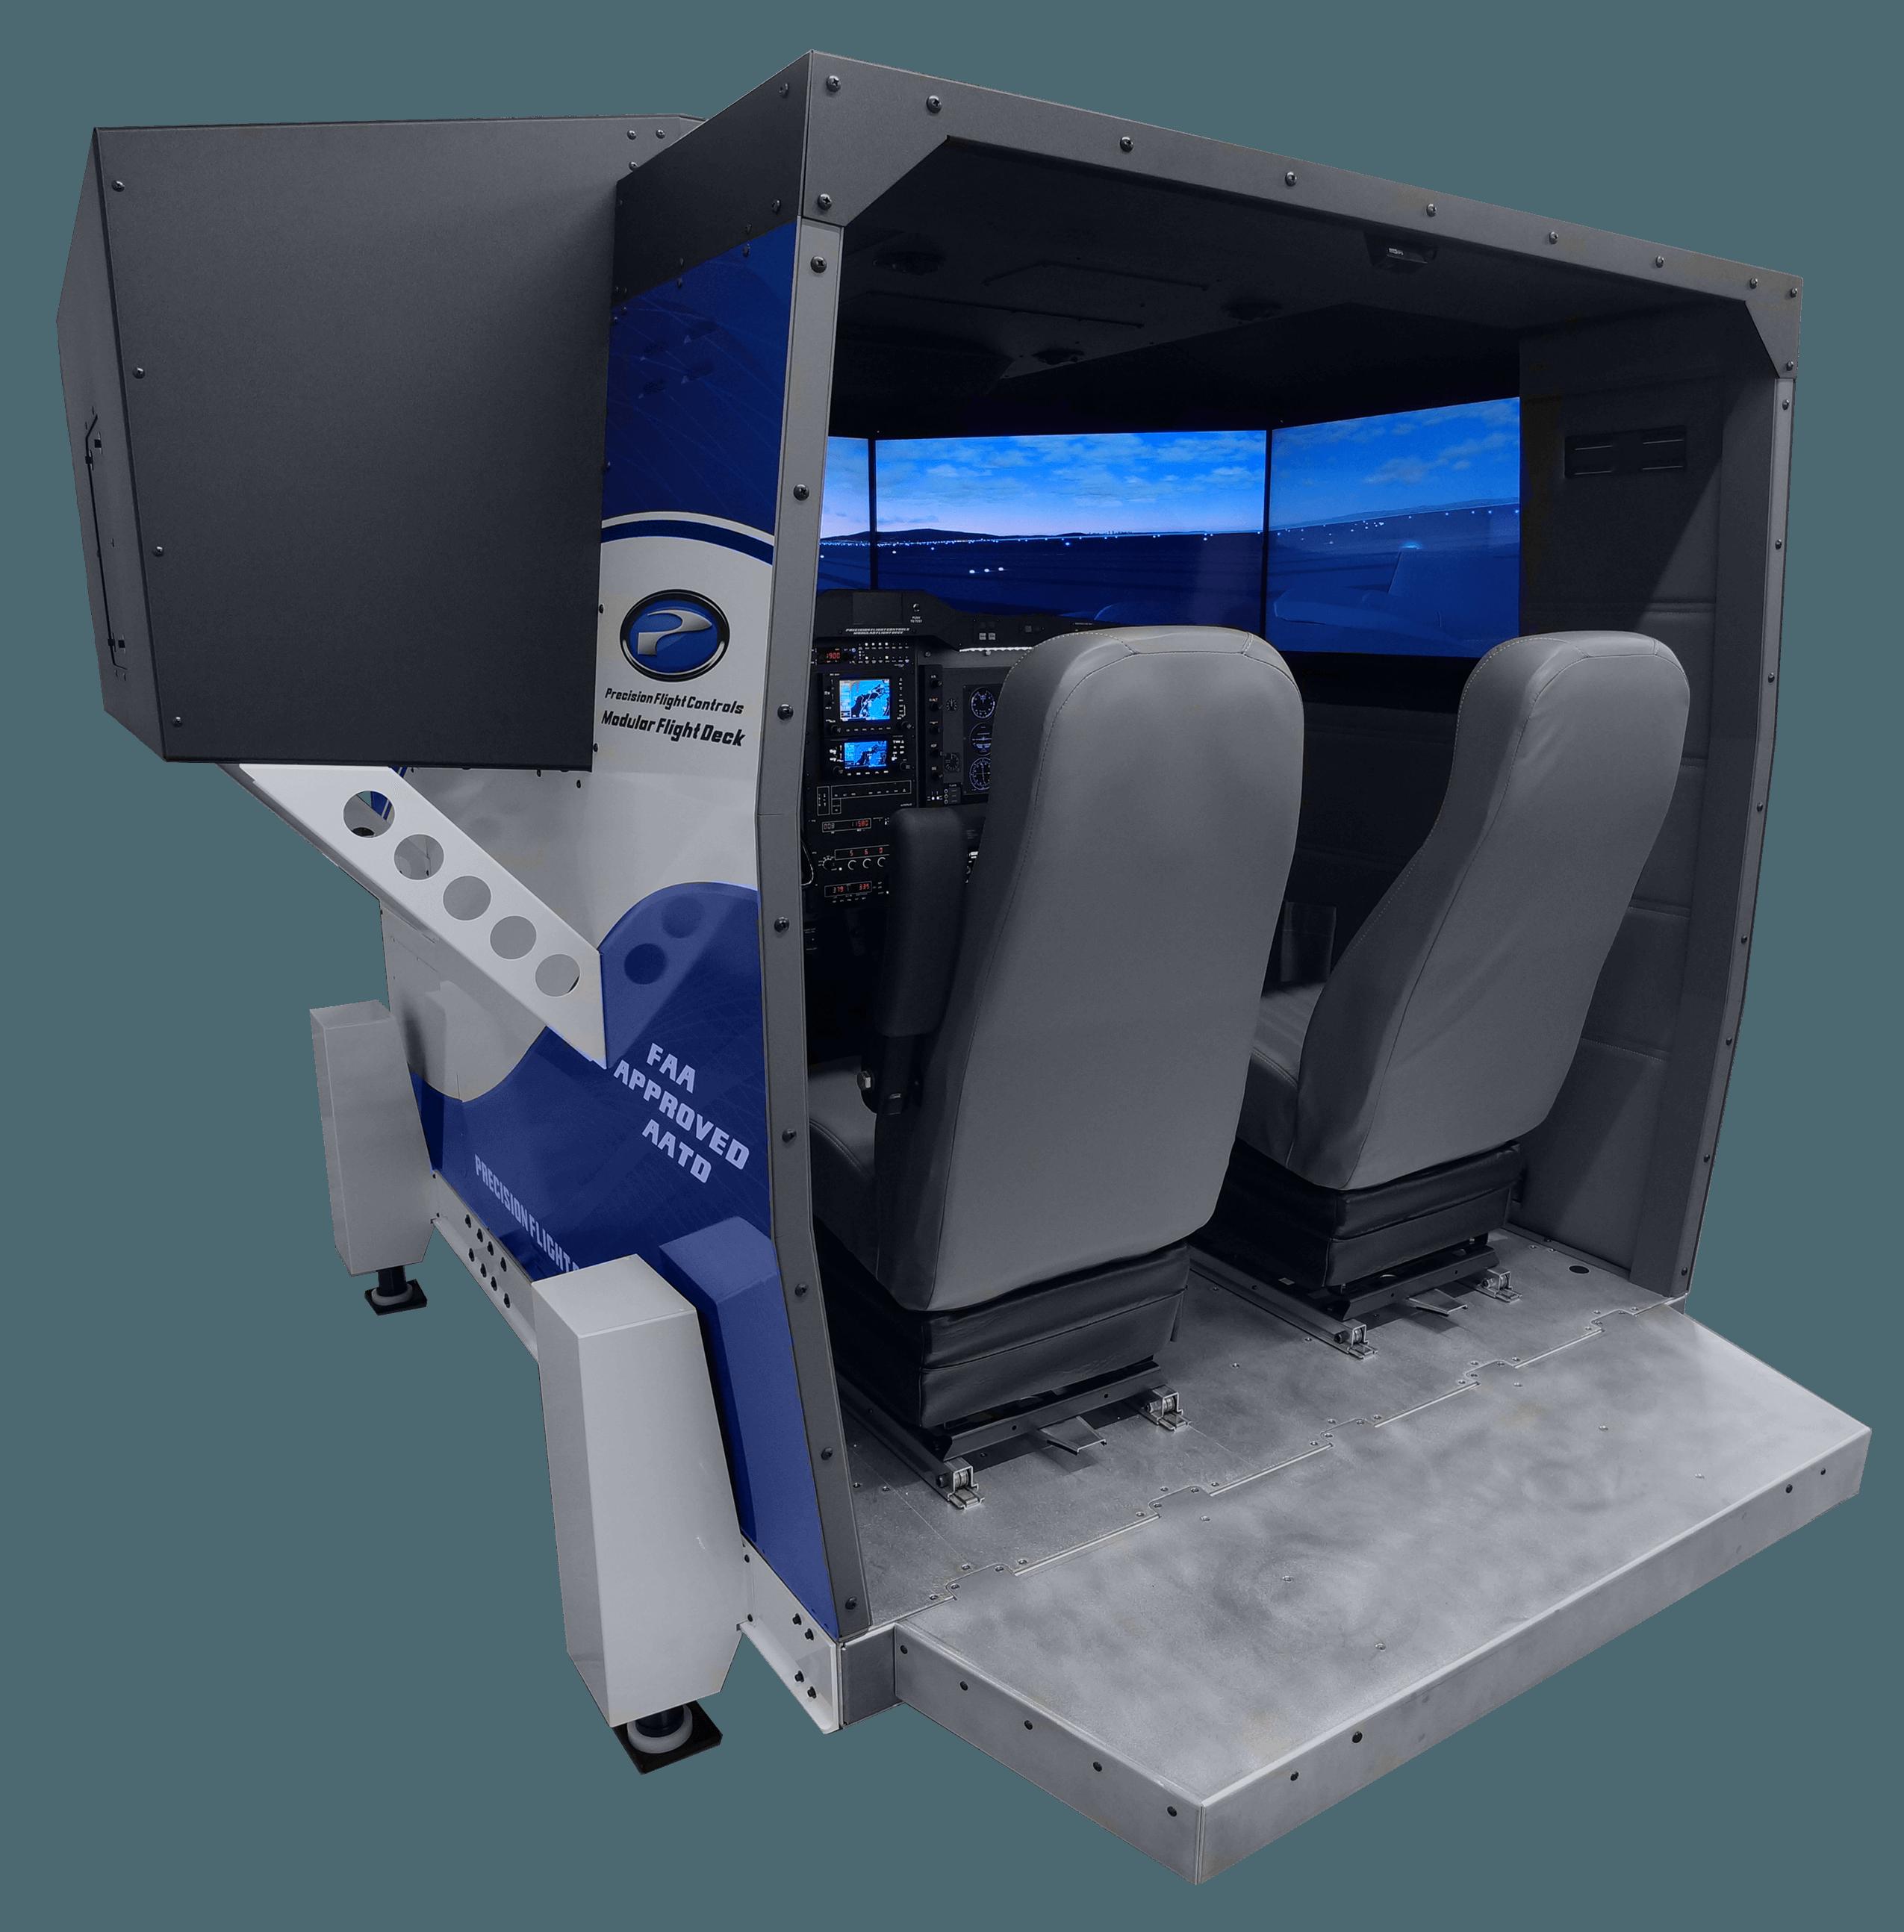 Executive Jet Training - Executive Flight Training - SafePilot Group